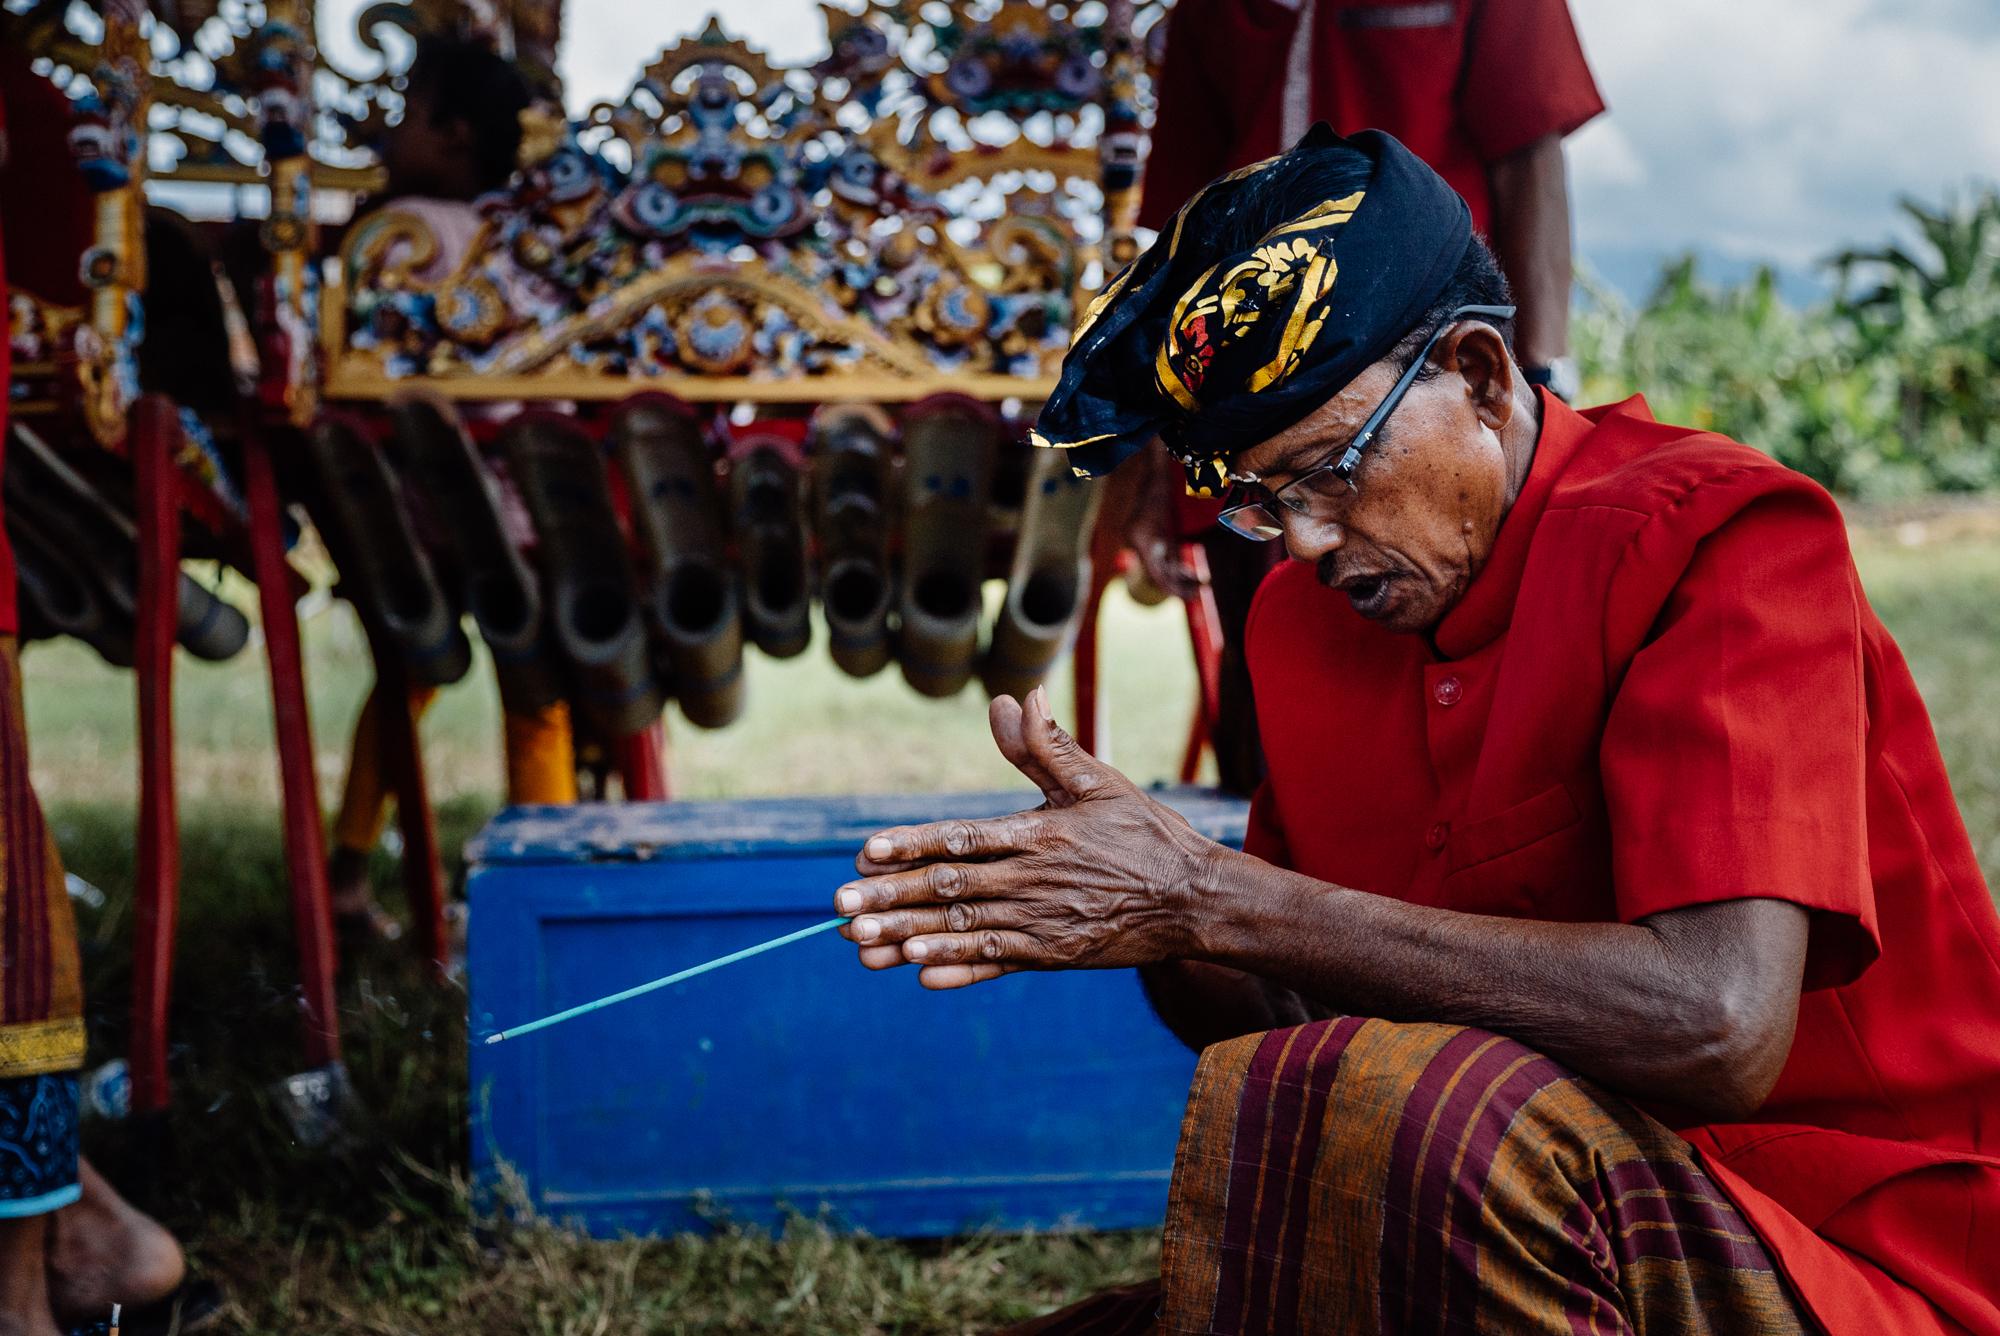 Bali-Gamelan-Web-48.jpg